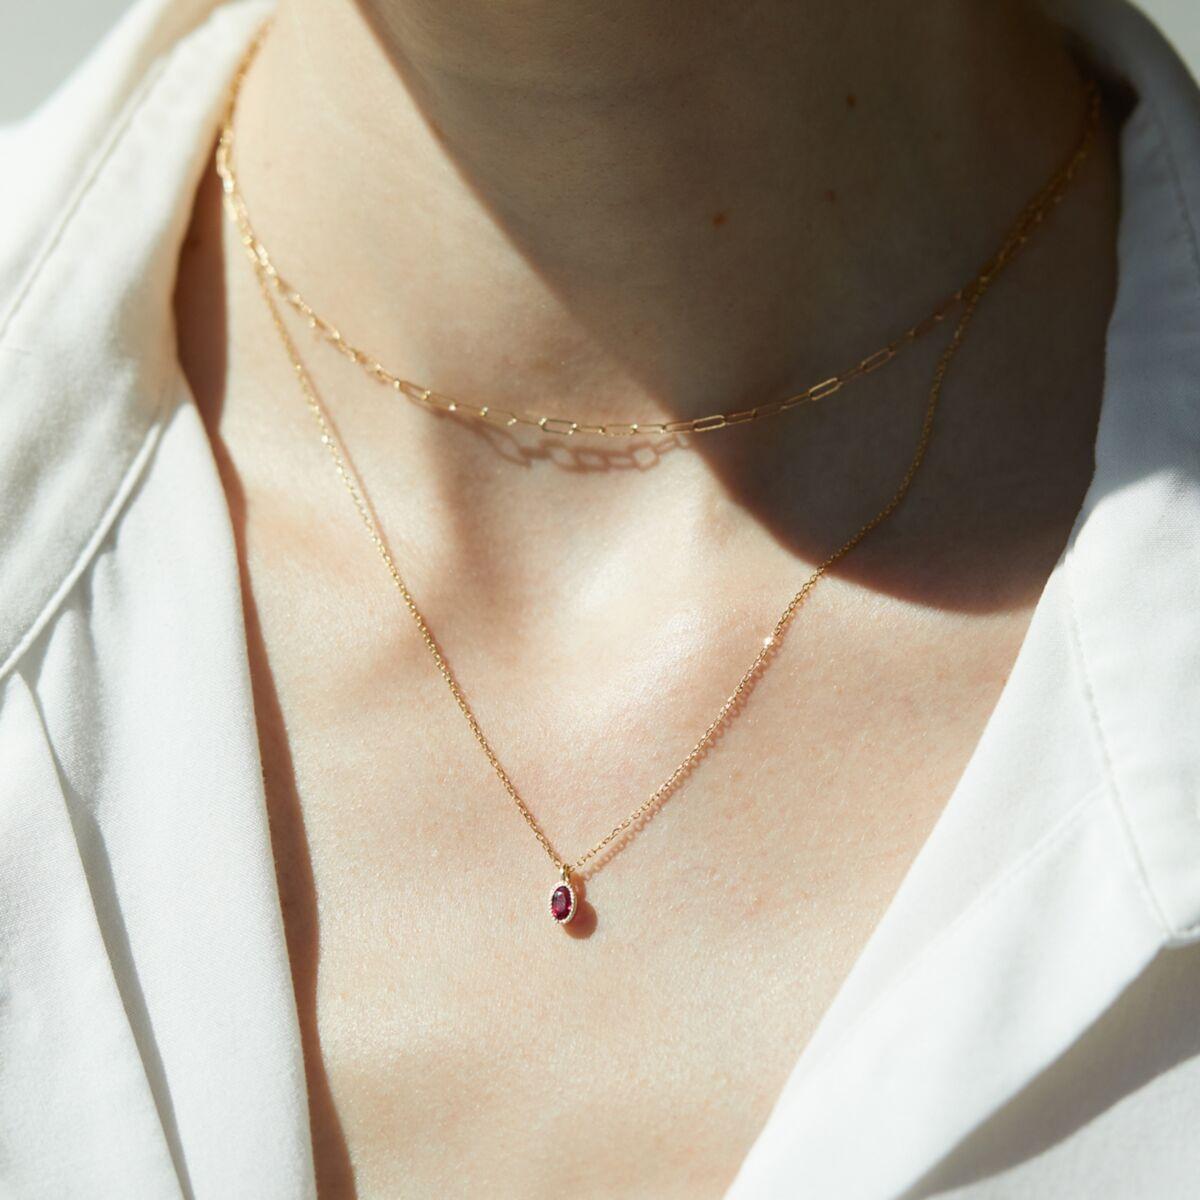 Caravaggio Necklace, Ruby image